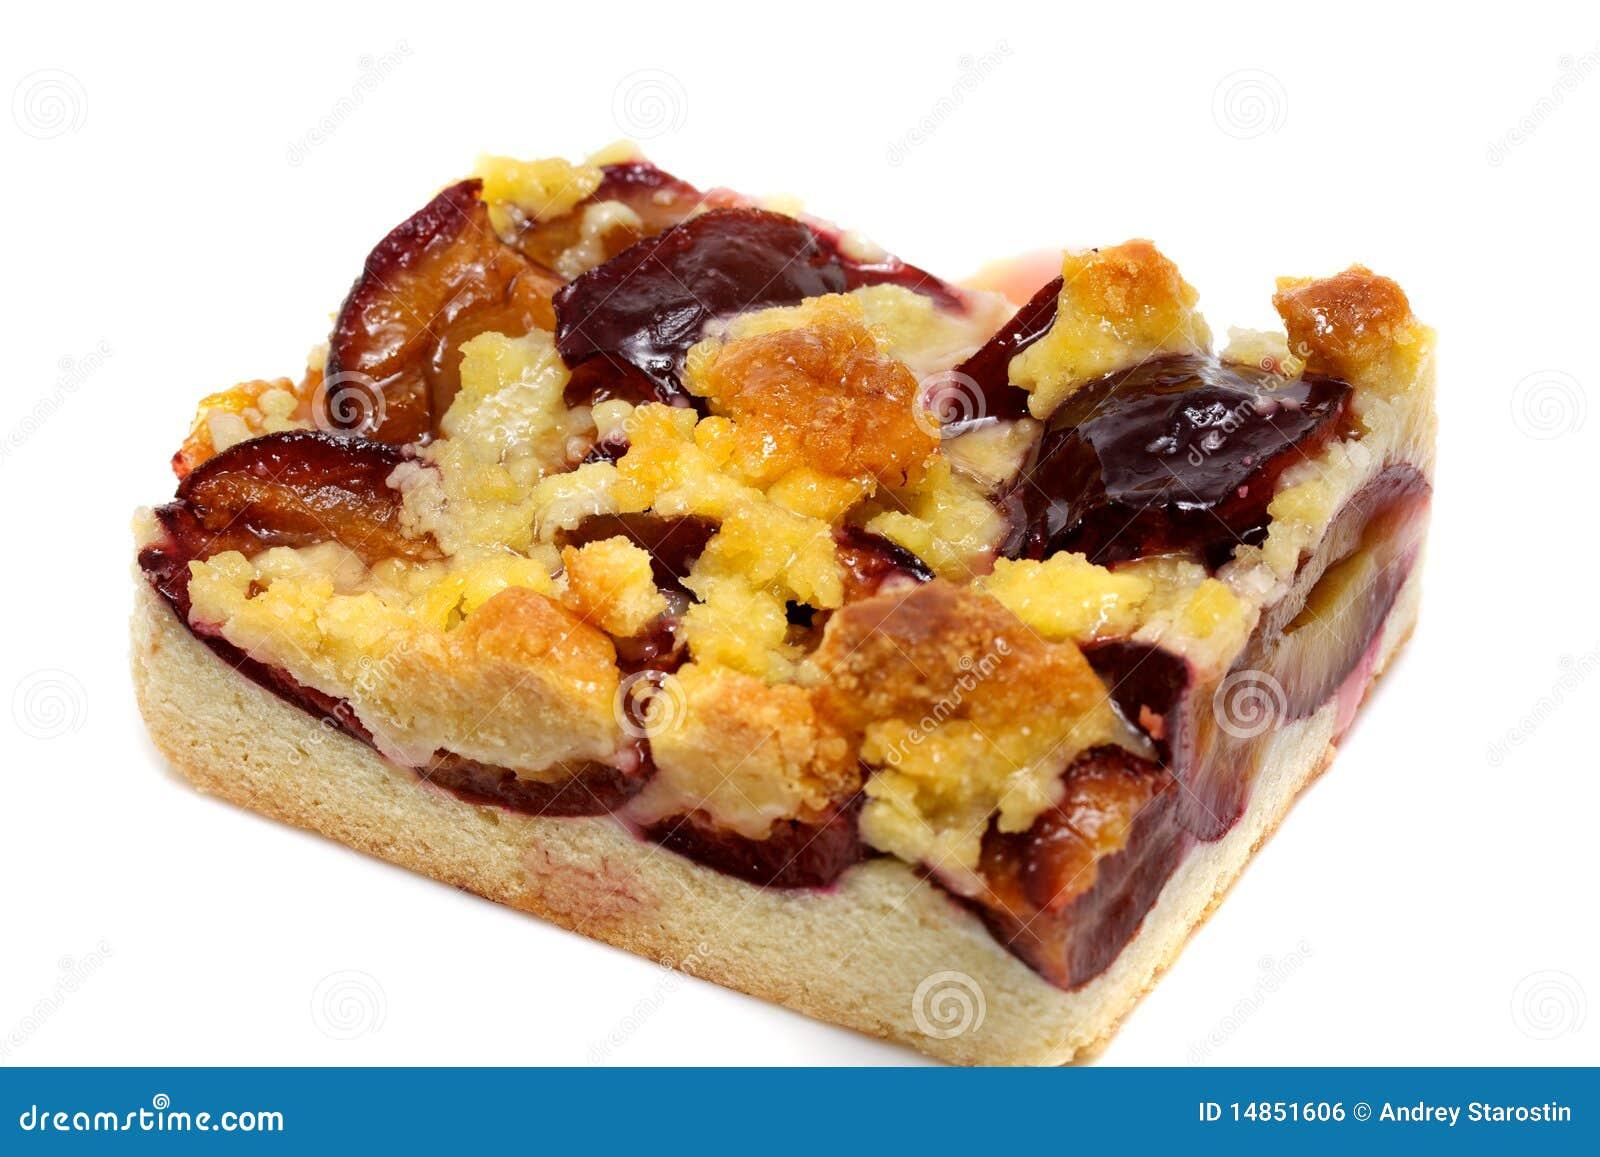 Fresh baked plum cake